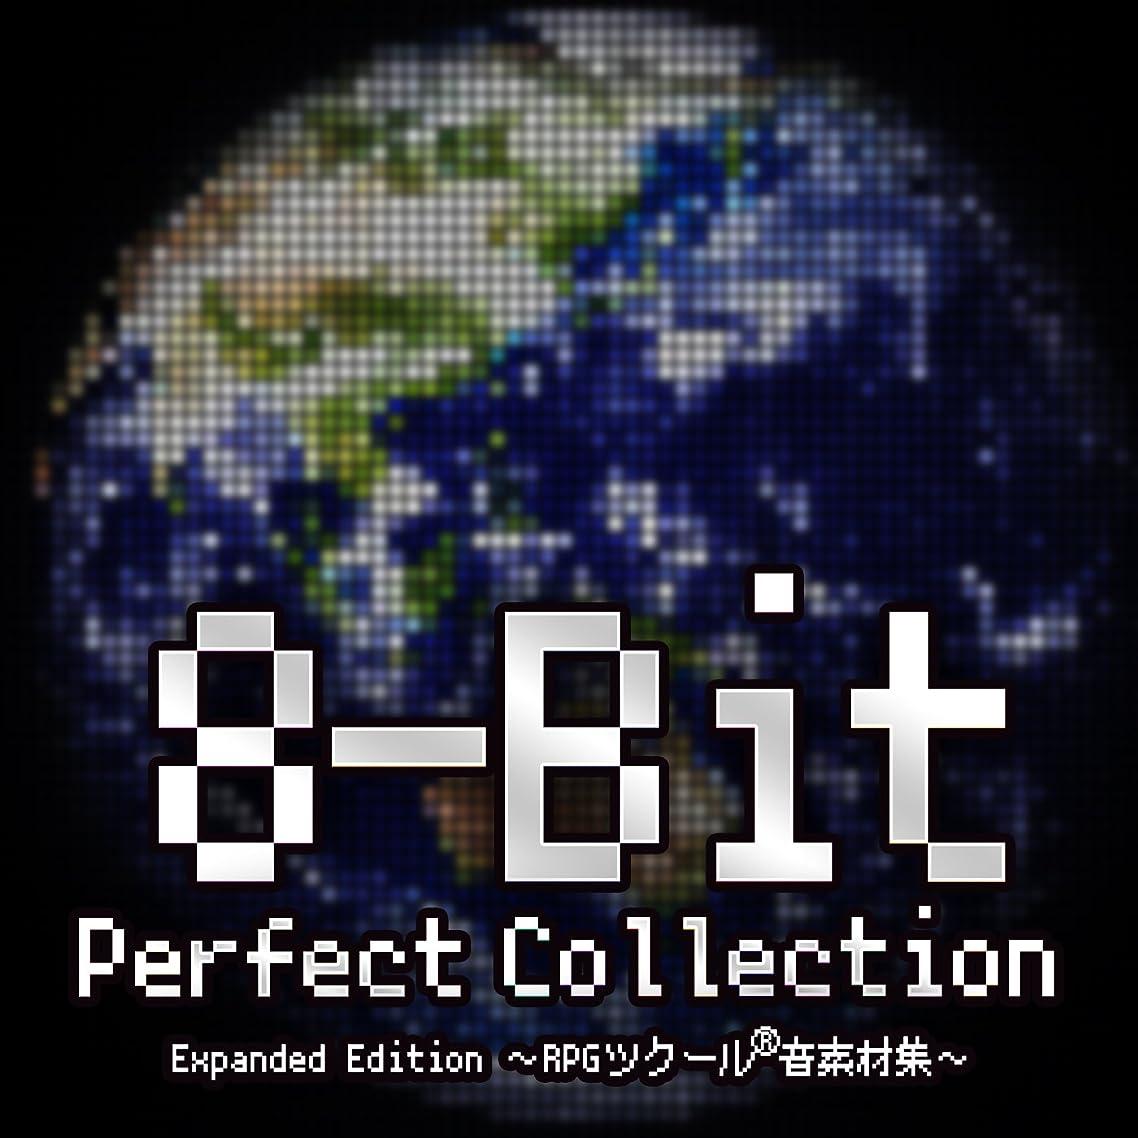 アルバム活性化するスケッチ8-Bit Perfect Collection Expanded Edition~RPGツクール(R)音素材集~|ダウンロード版